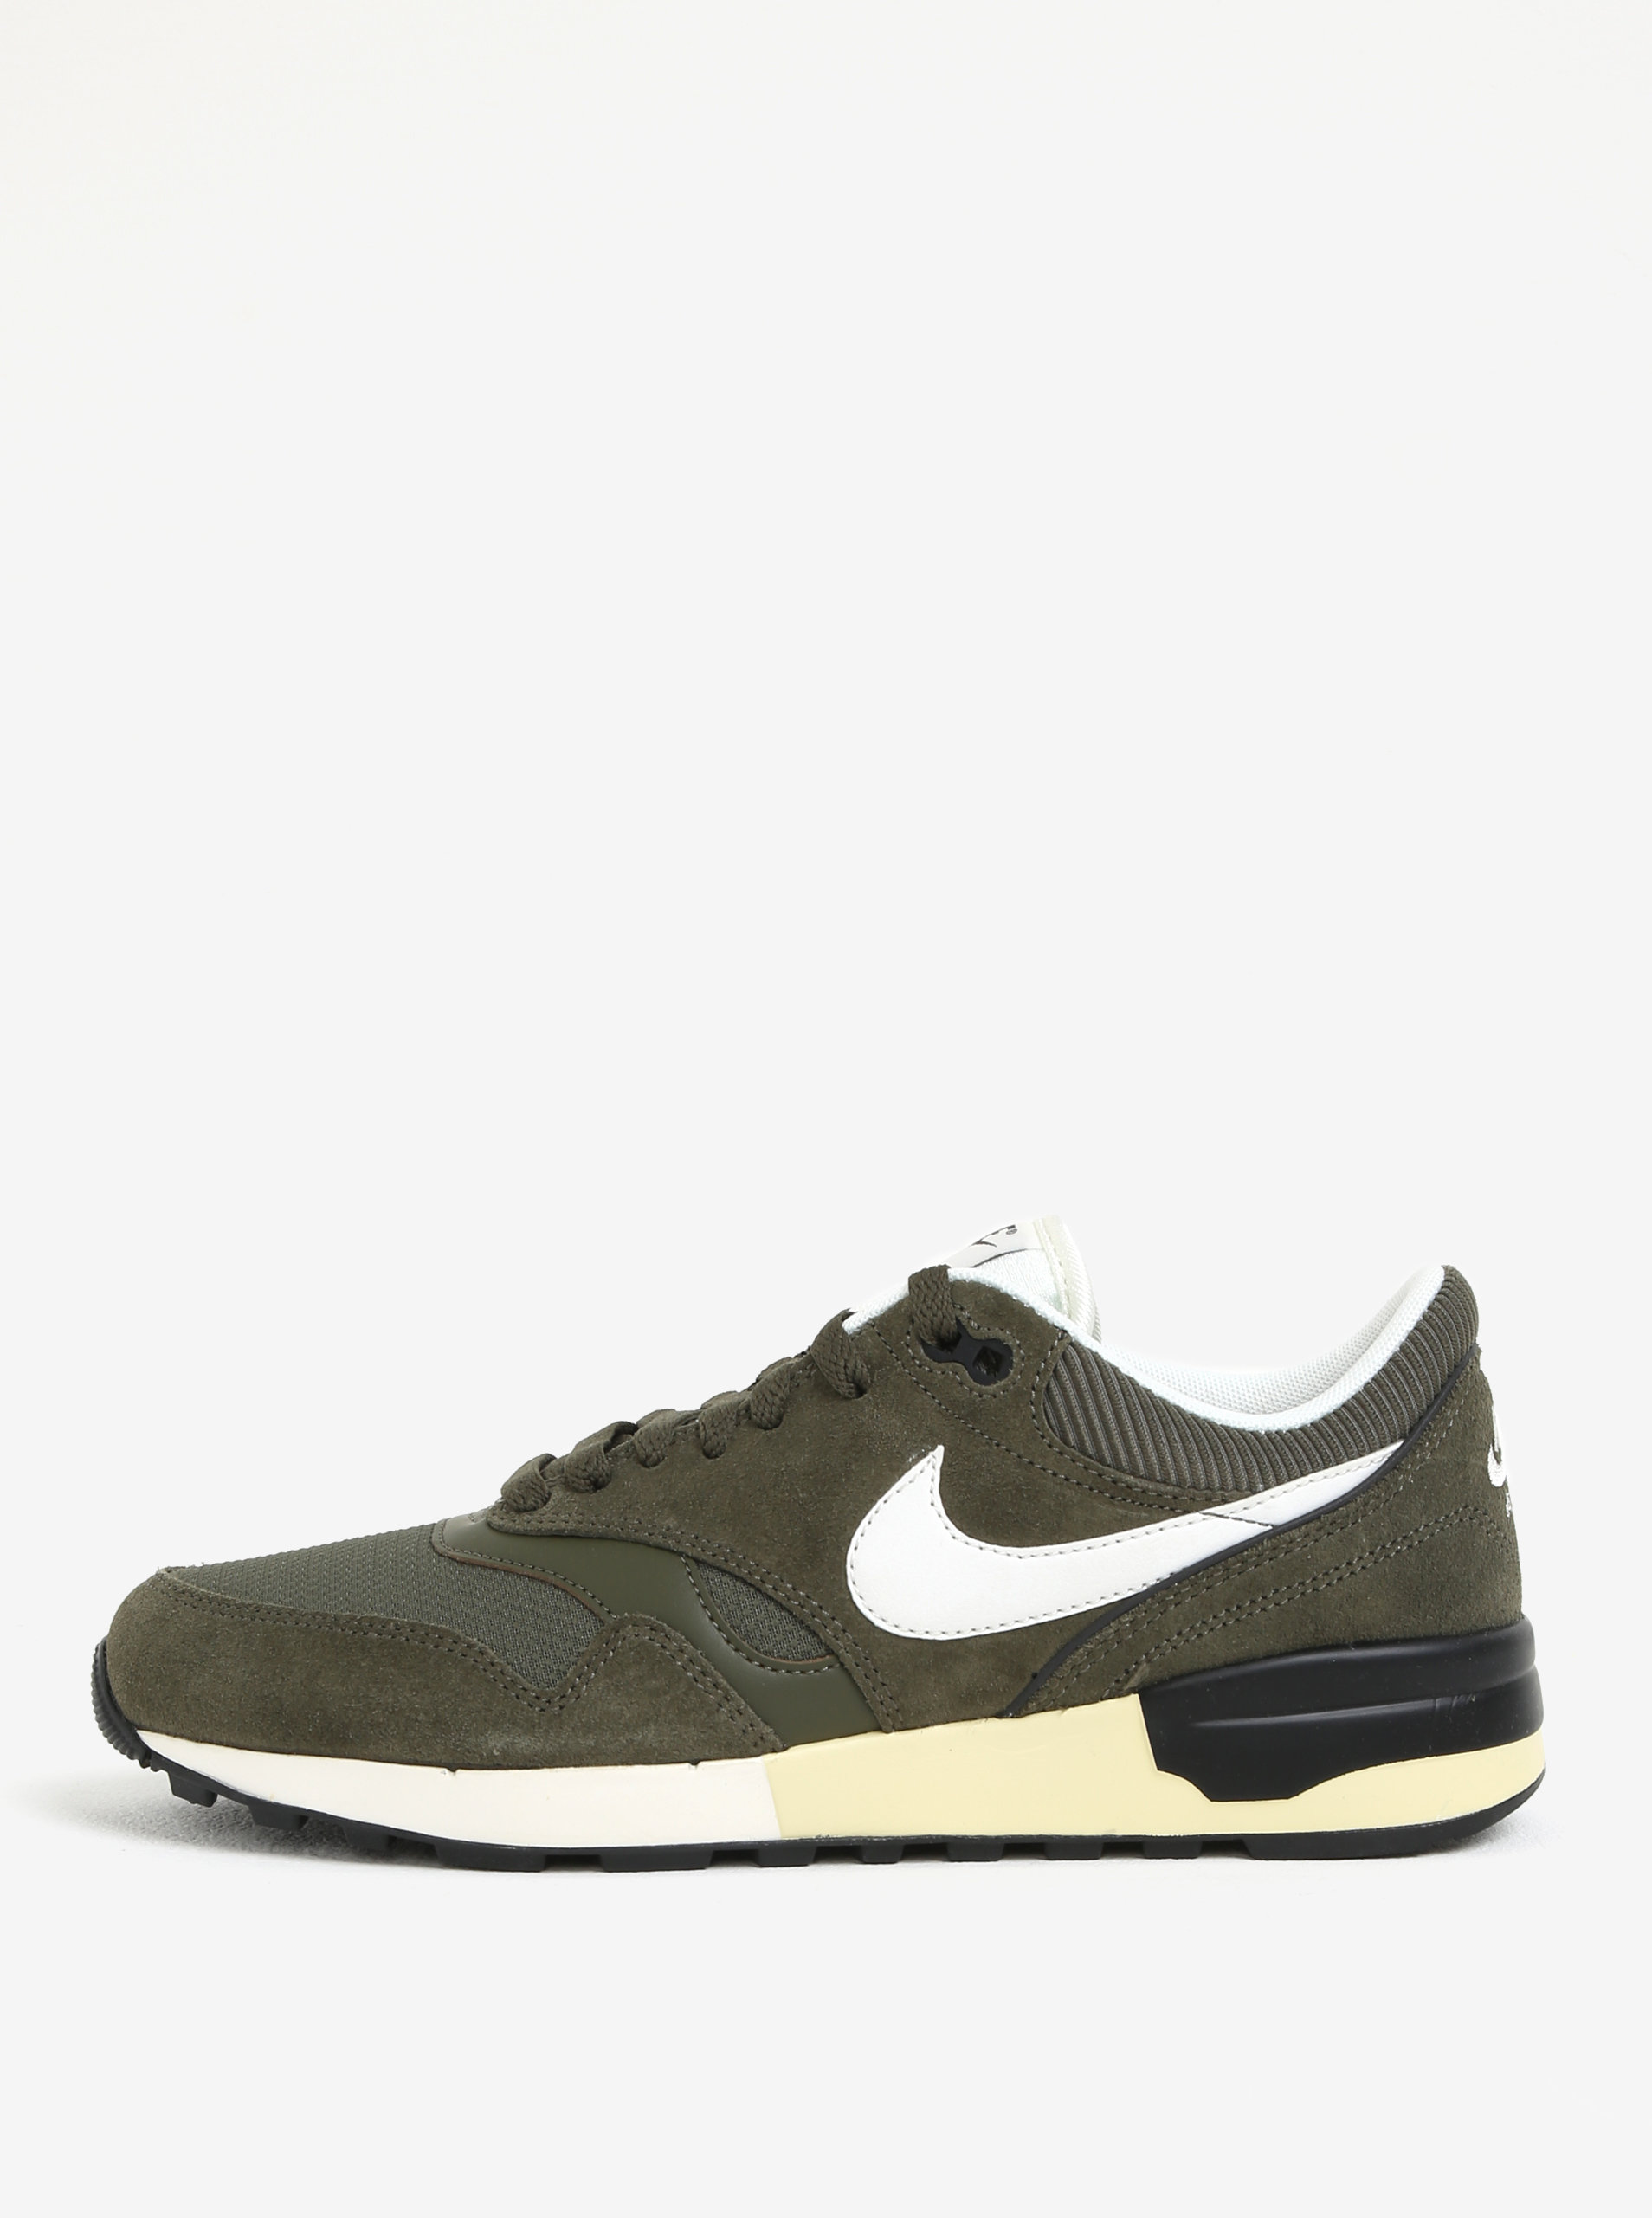 Khaki pánské tenisky se semišovými detaily Nike Air Odyssey ... 9ef75dc064